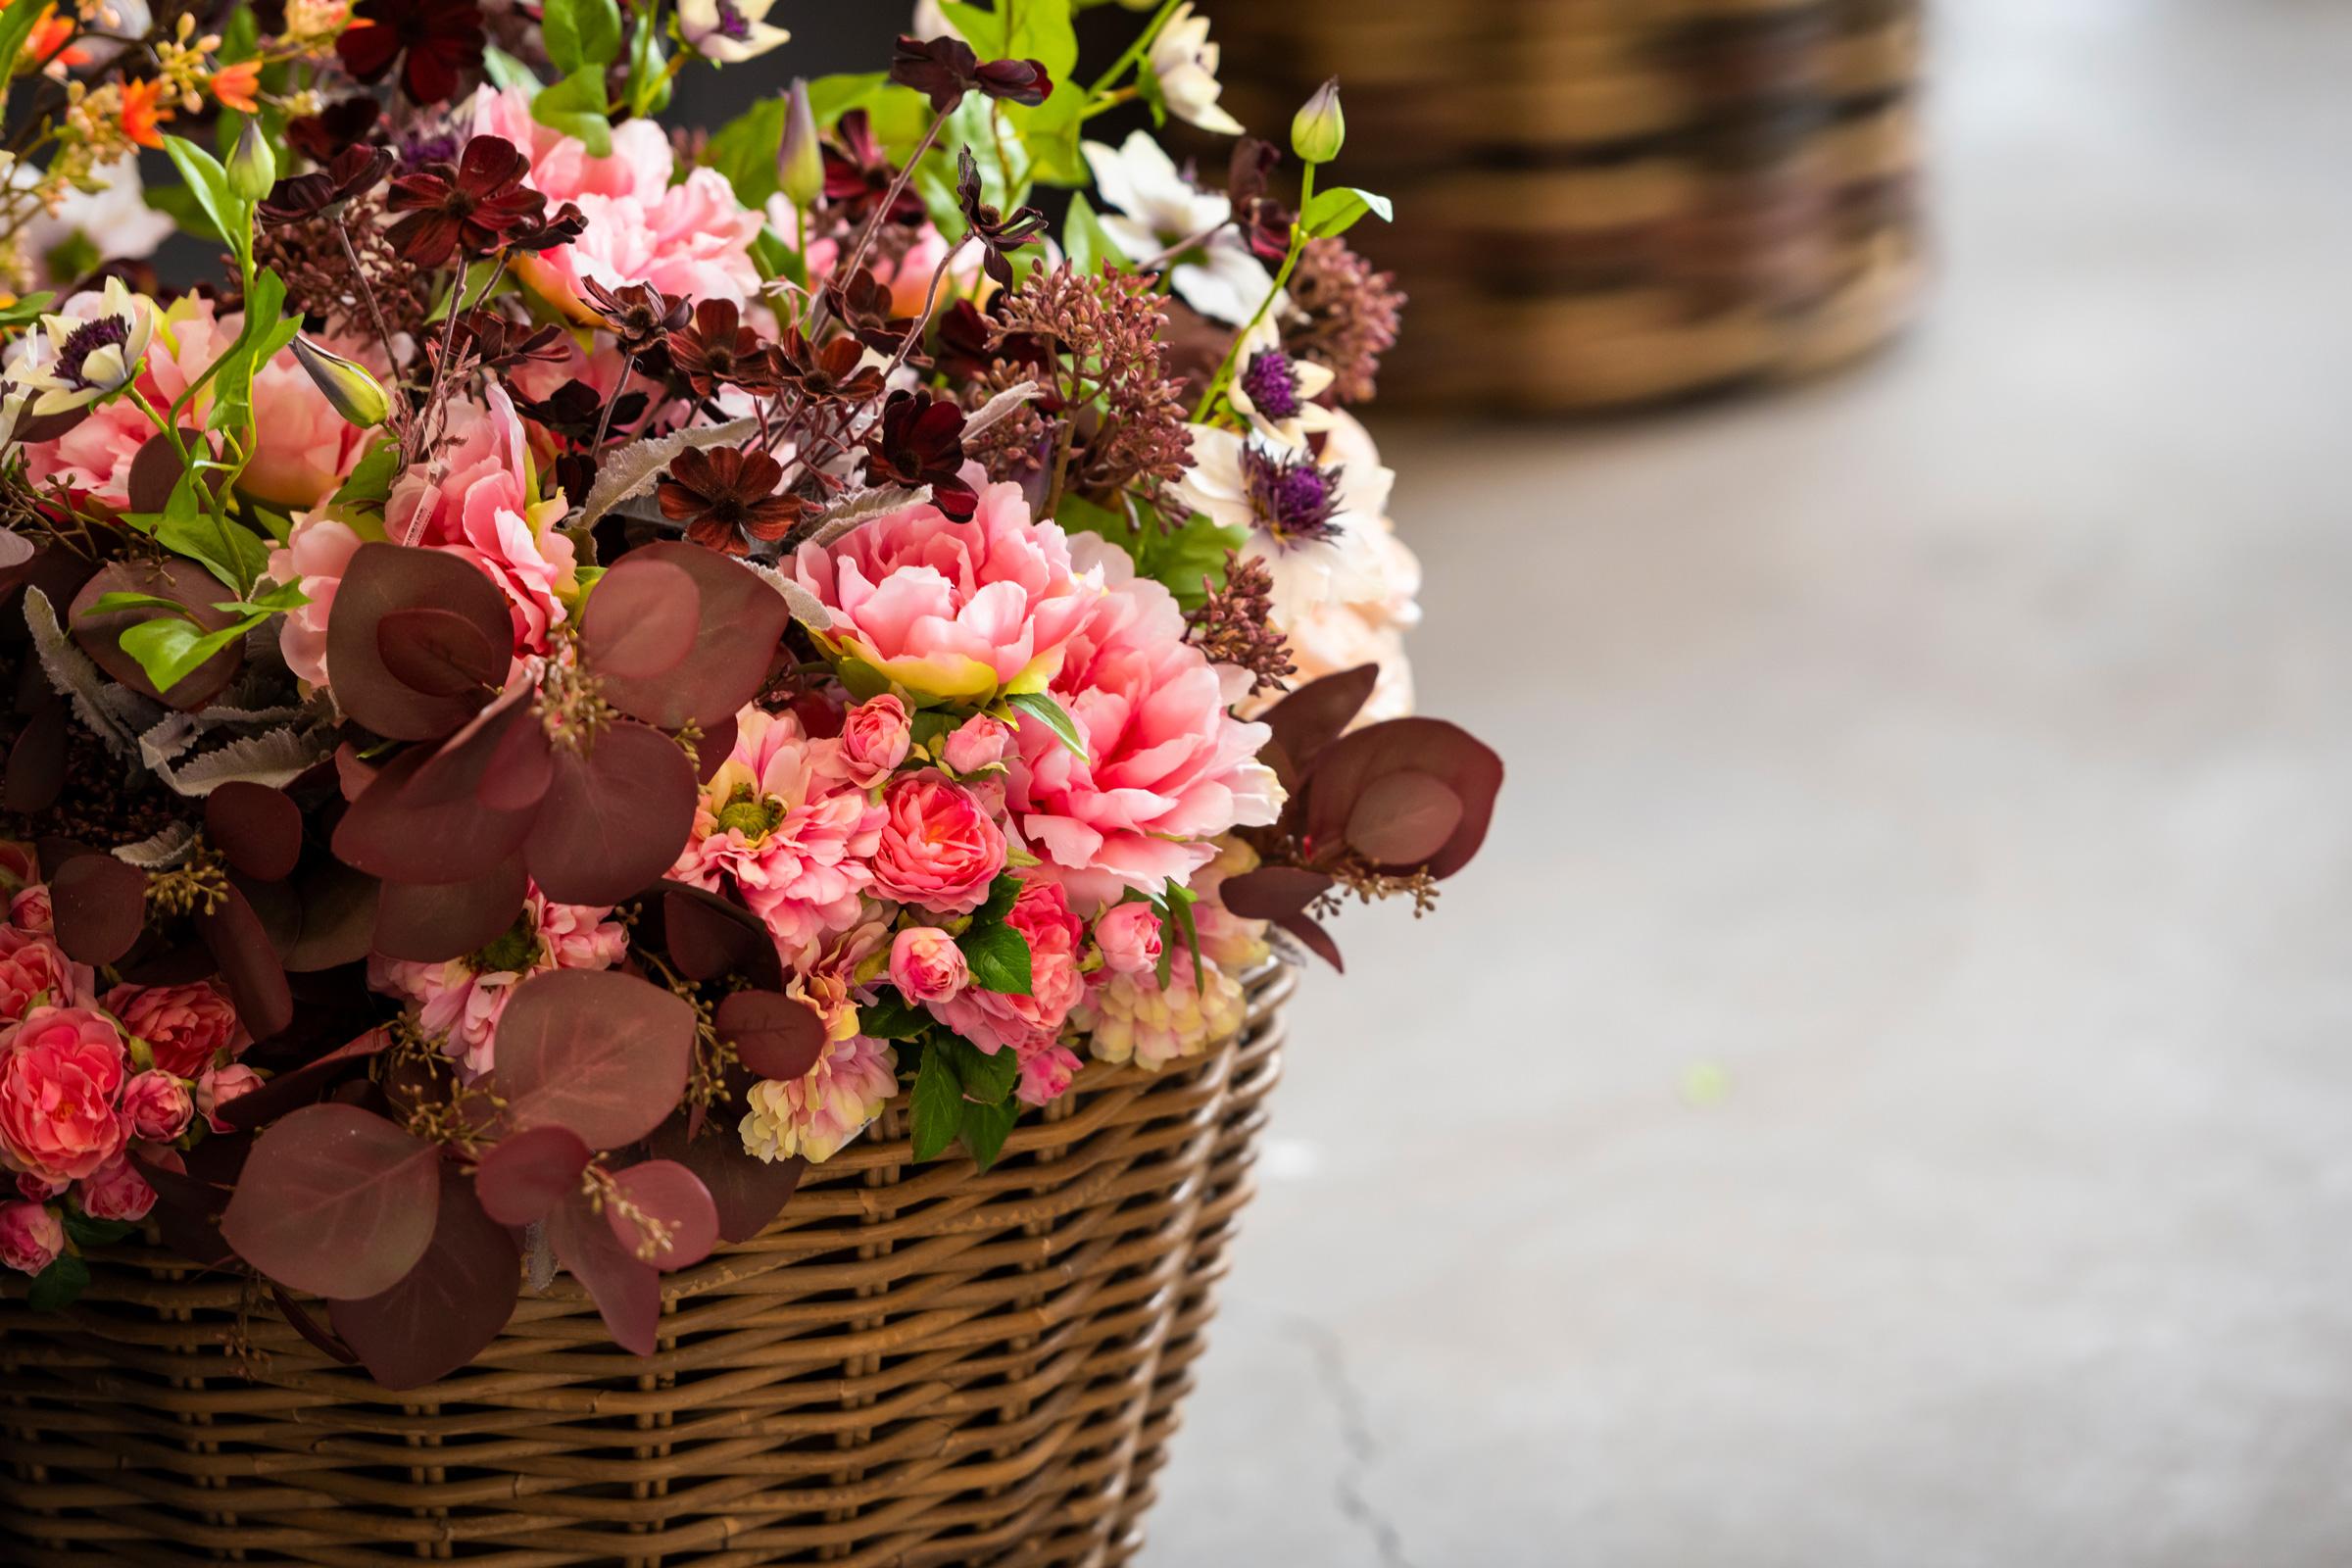 hauser-design-seidenblumen-in-den-farben-rot